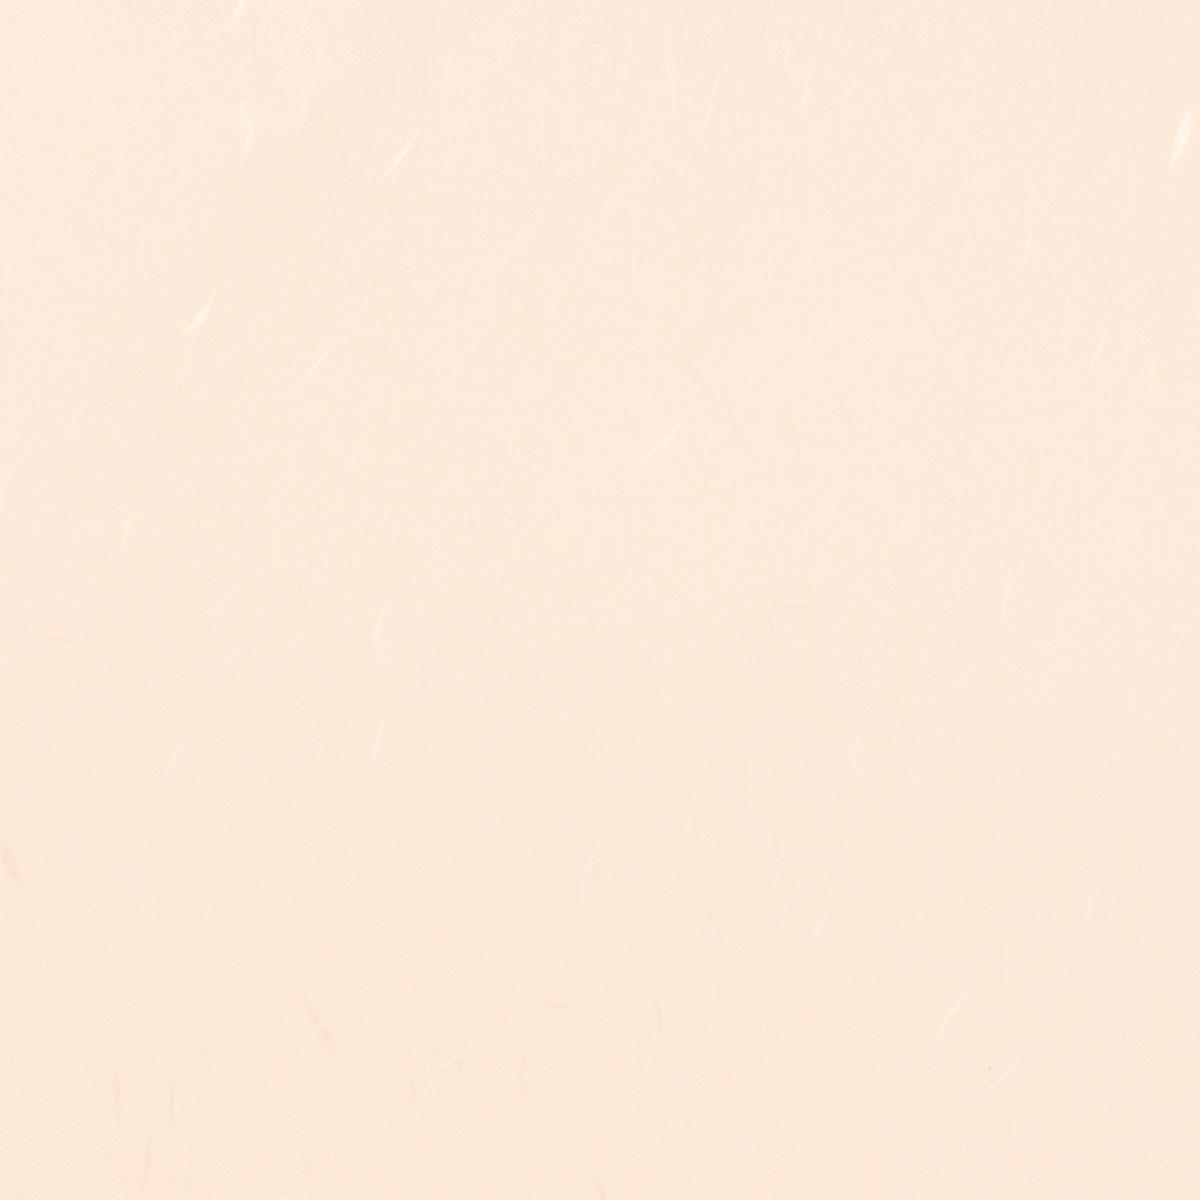 月華ニューカラー A4サイズ(50枚入) No.52 ピンク